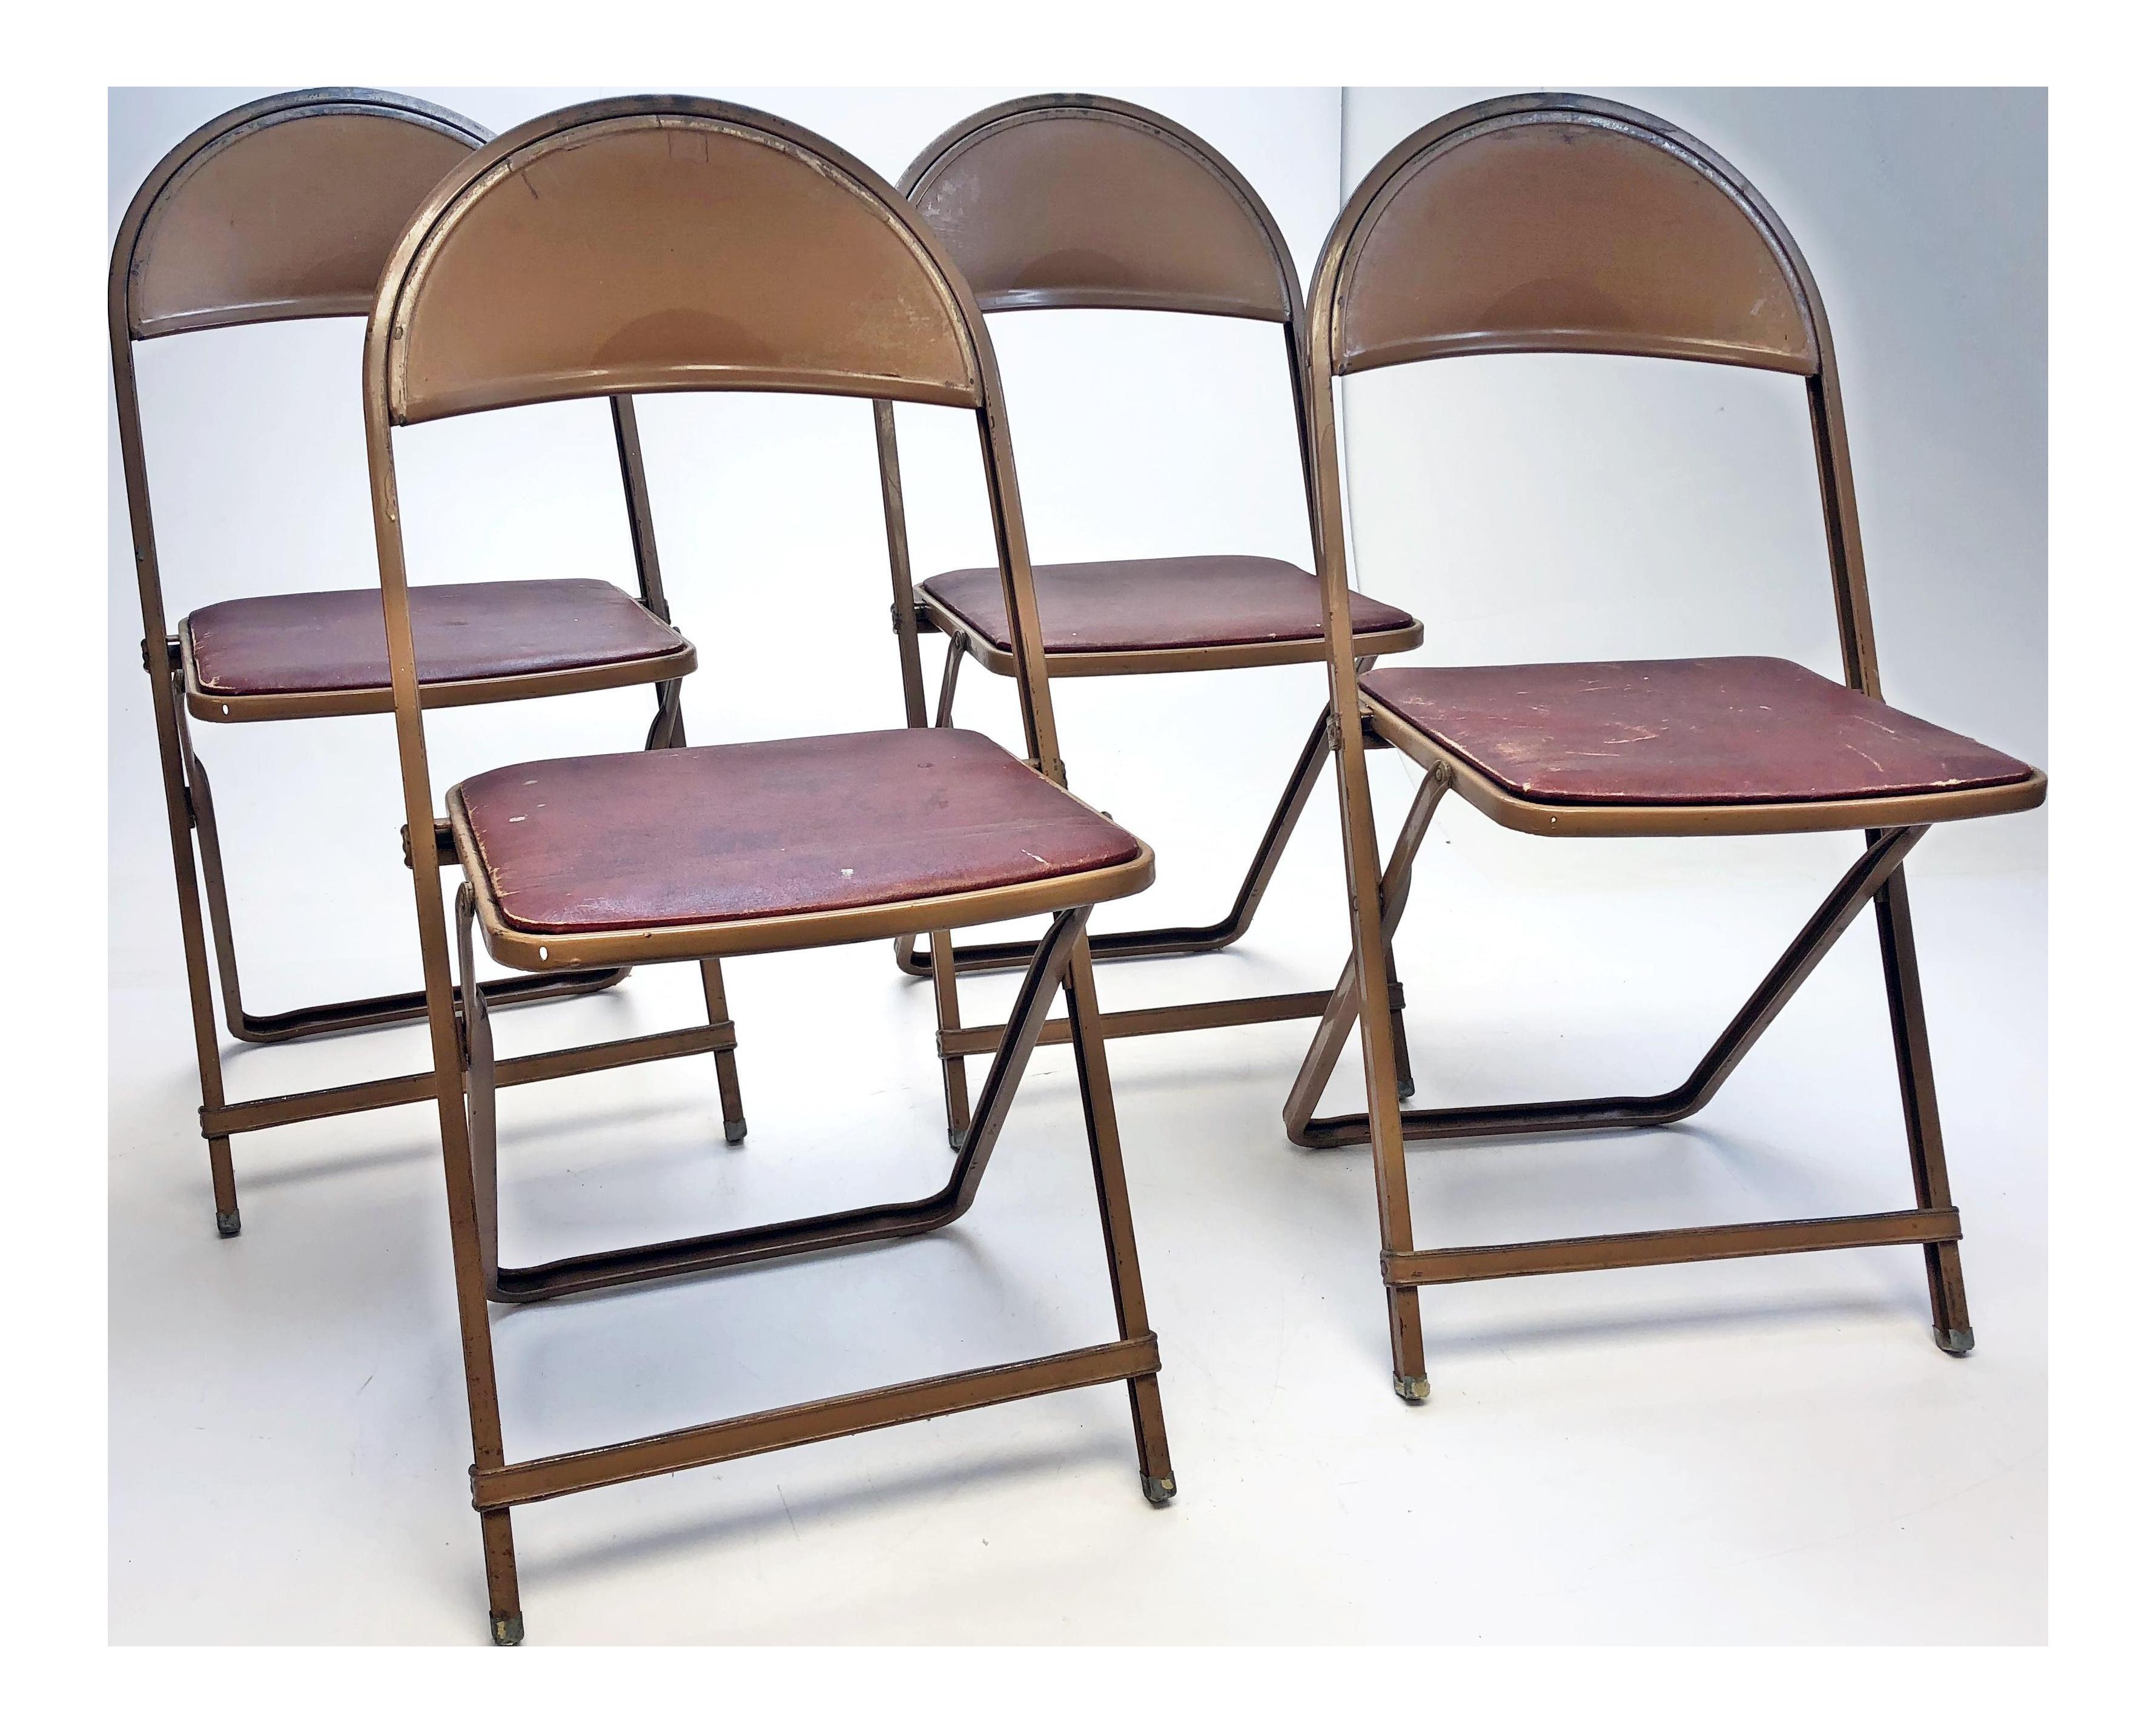 Vintage Rustic Brown Metal Folding Chairs   Set Of 4